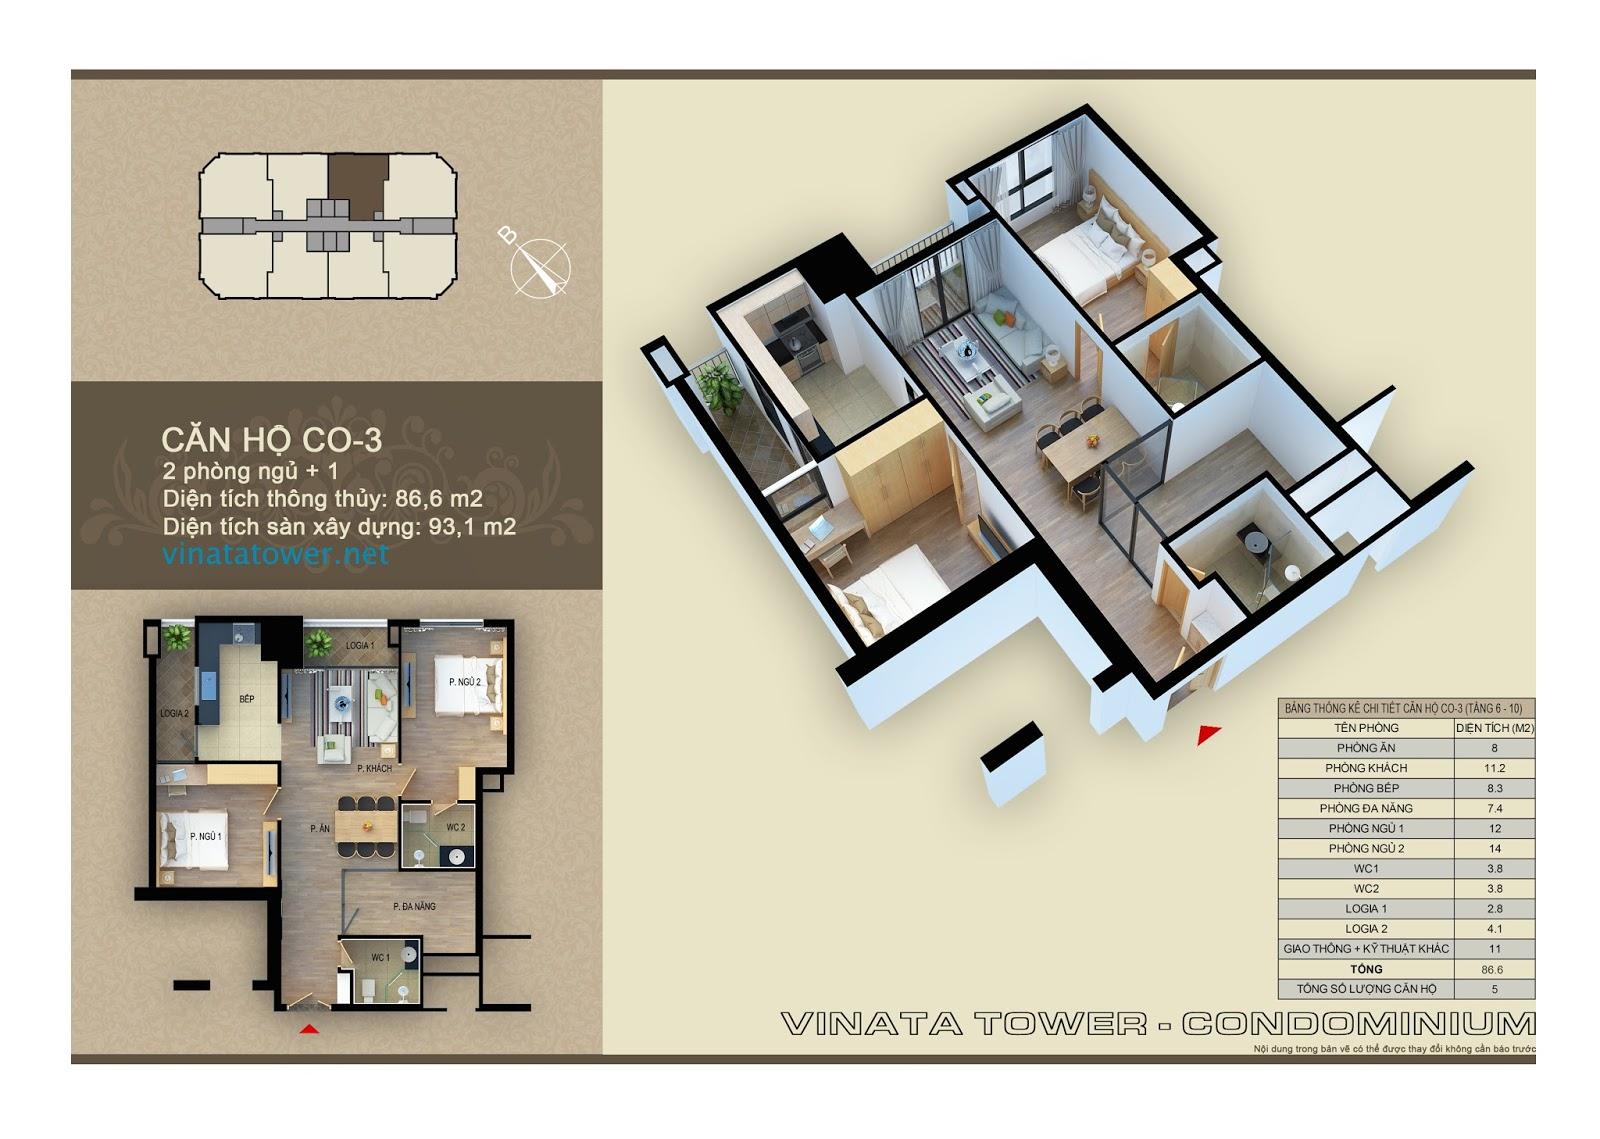 Thiết kế chi tiết căn 03 chung cư Vinata Towers: 86,6m2, 2PN, 1 đa năng, 2VS